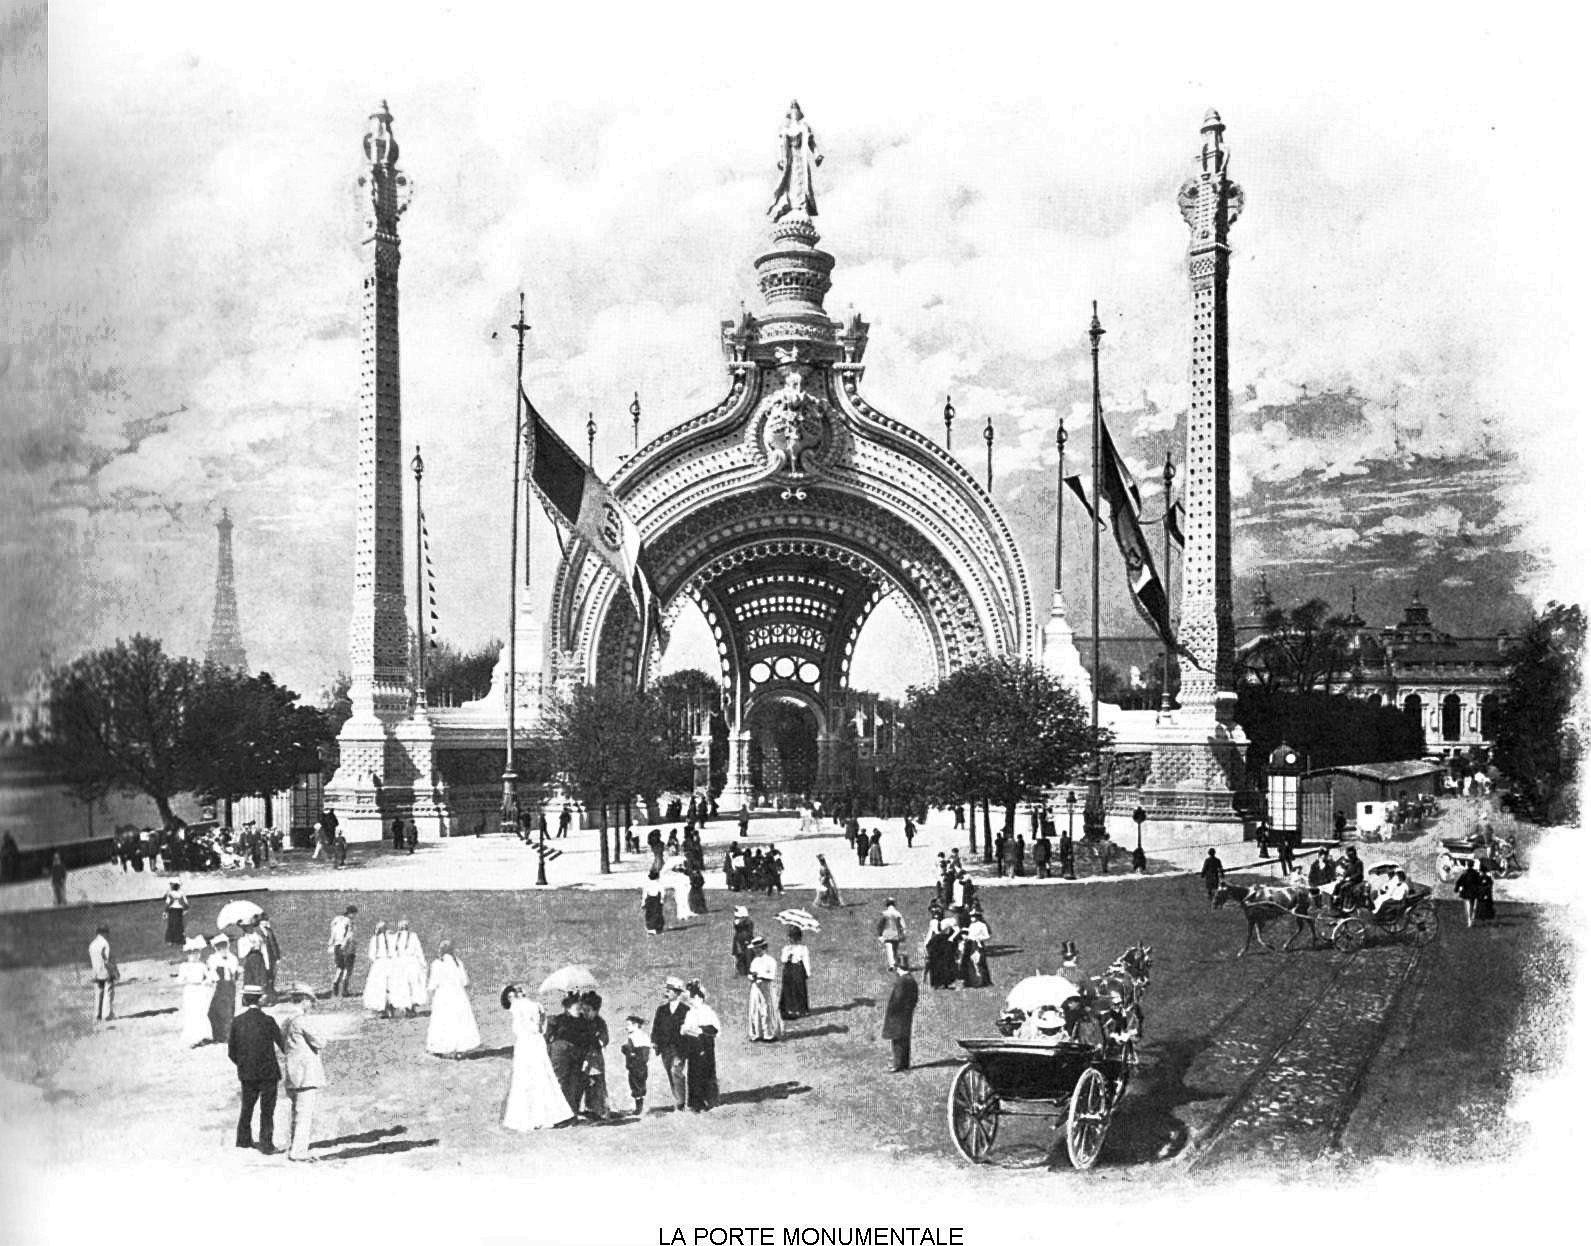 Ressources histoire exposition universelle 1900 la porte monumentale